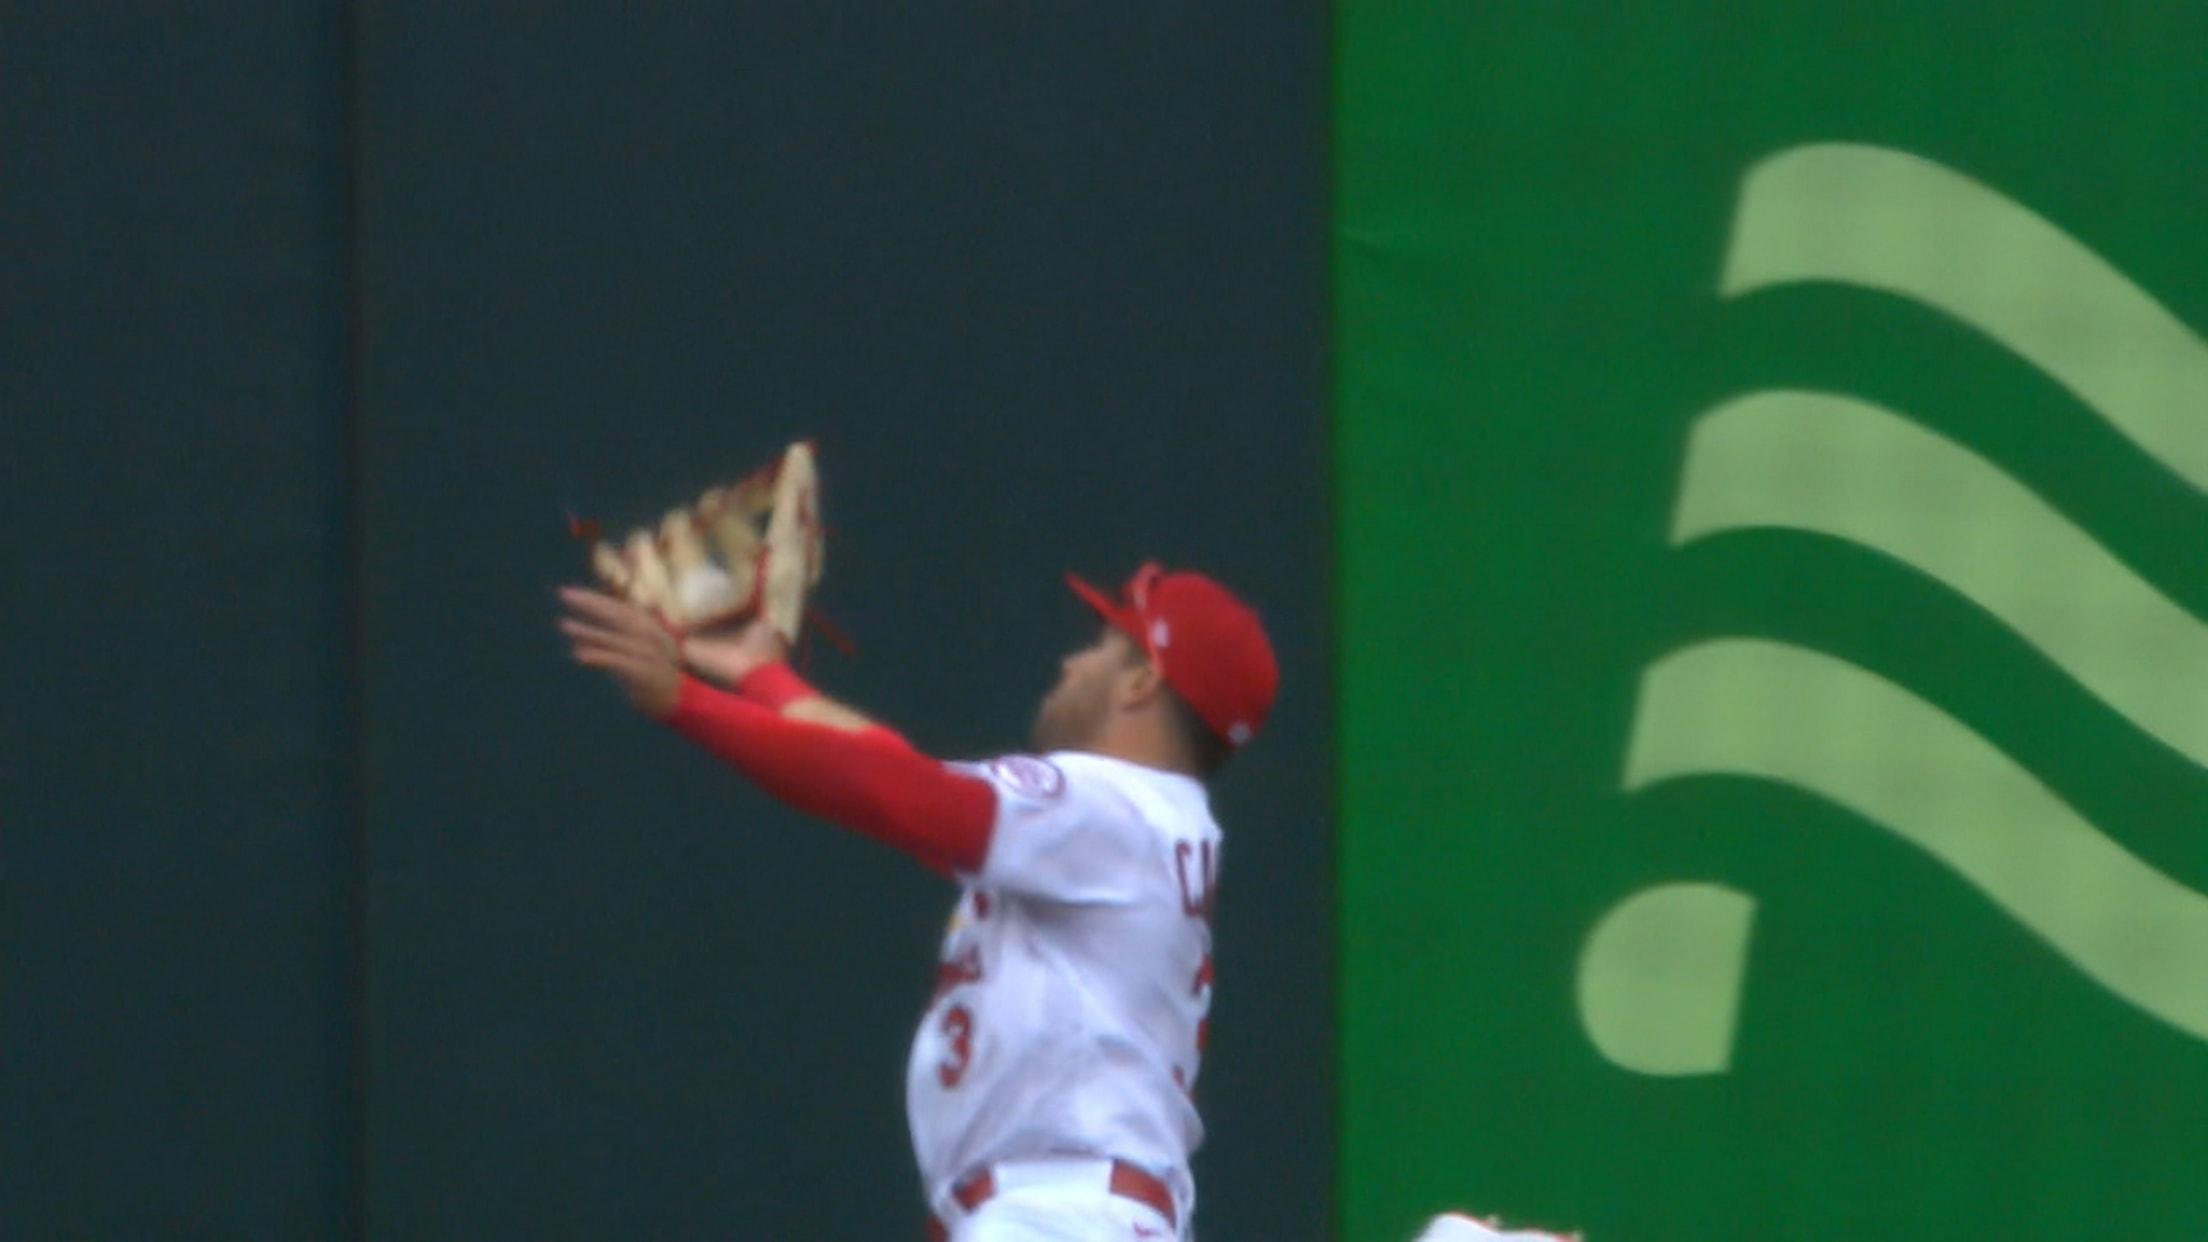 Dylan Carlson's running catch